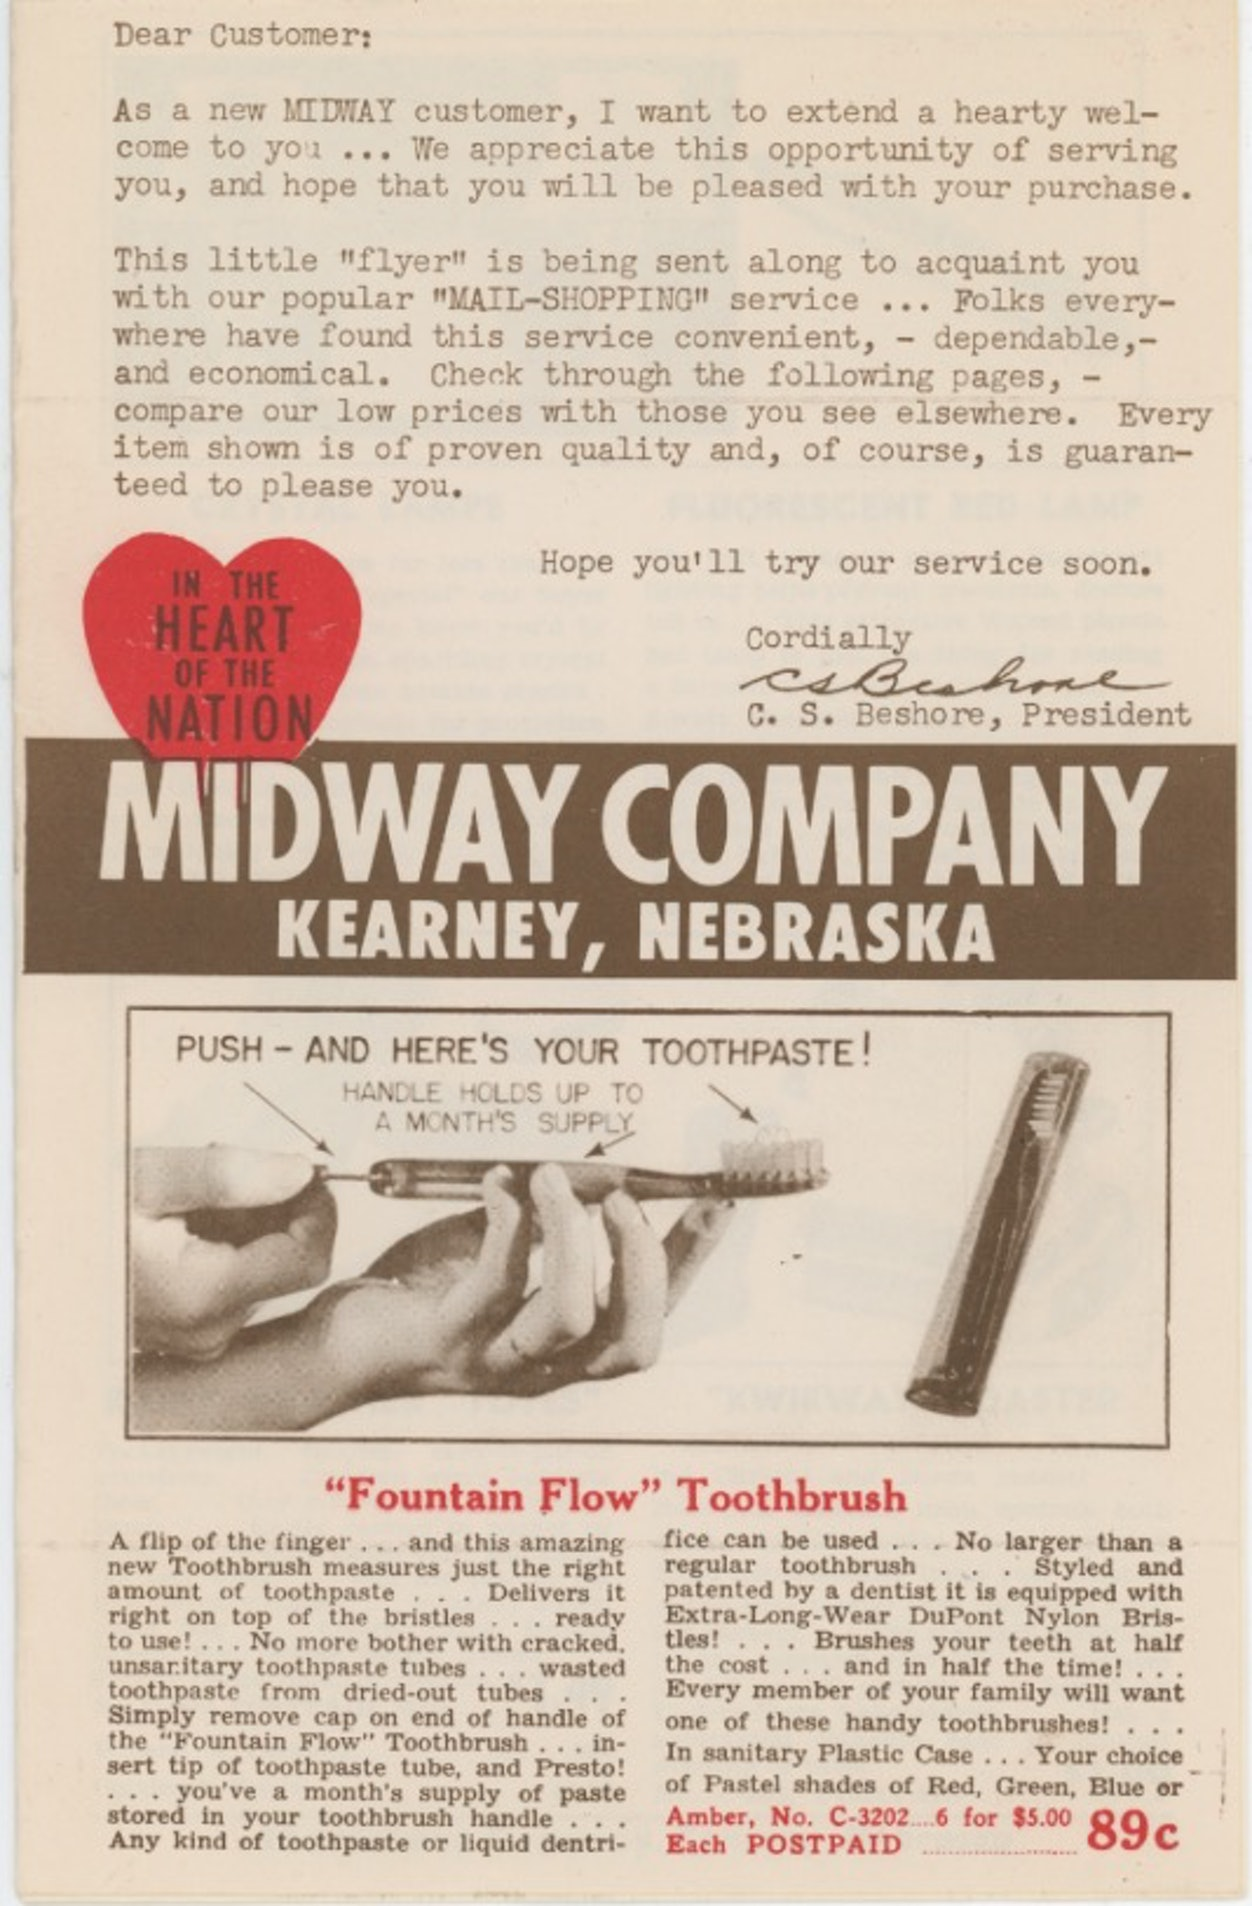 Midway Company Catalog